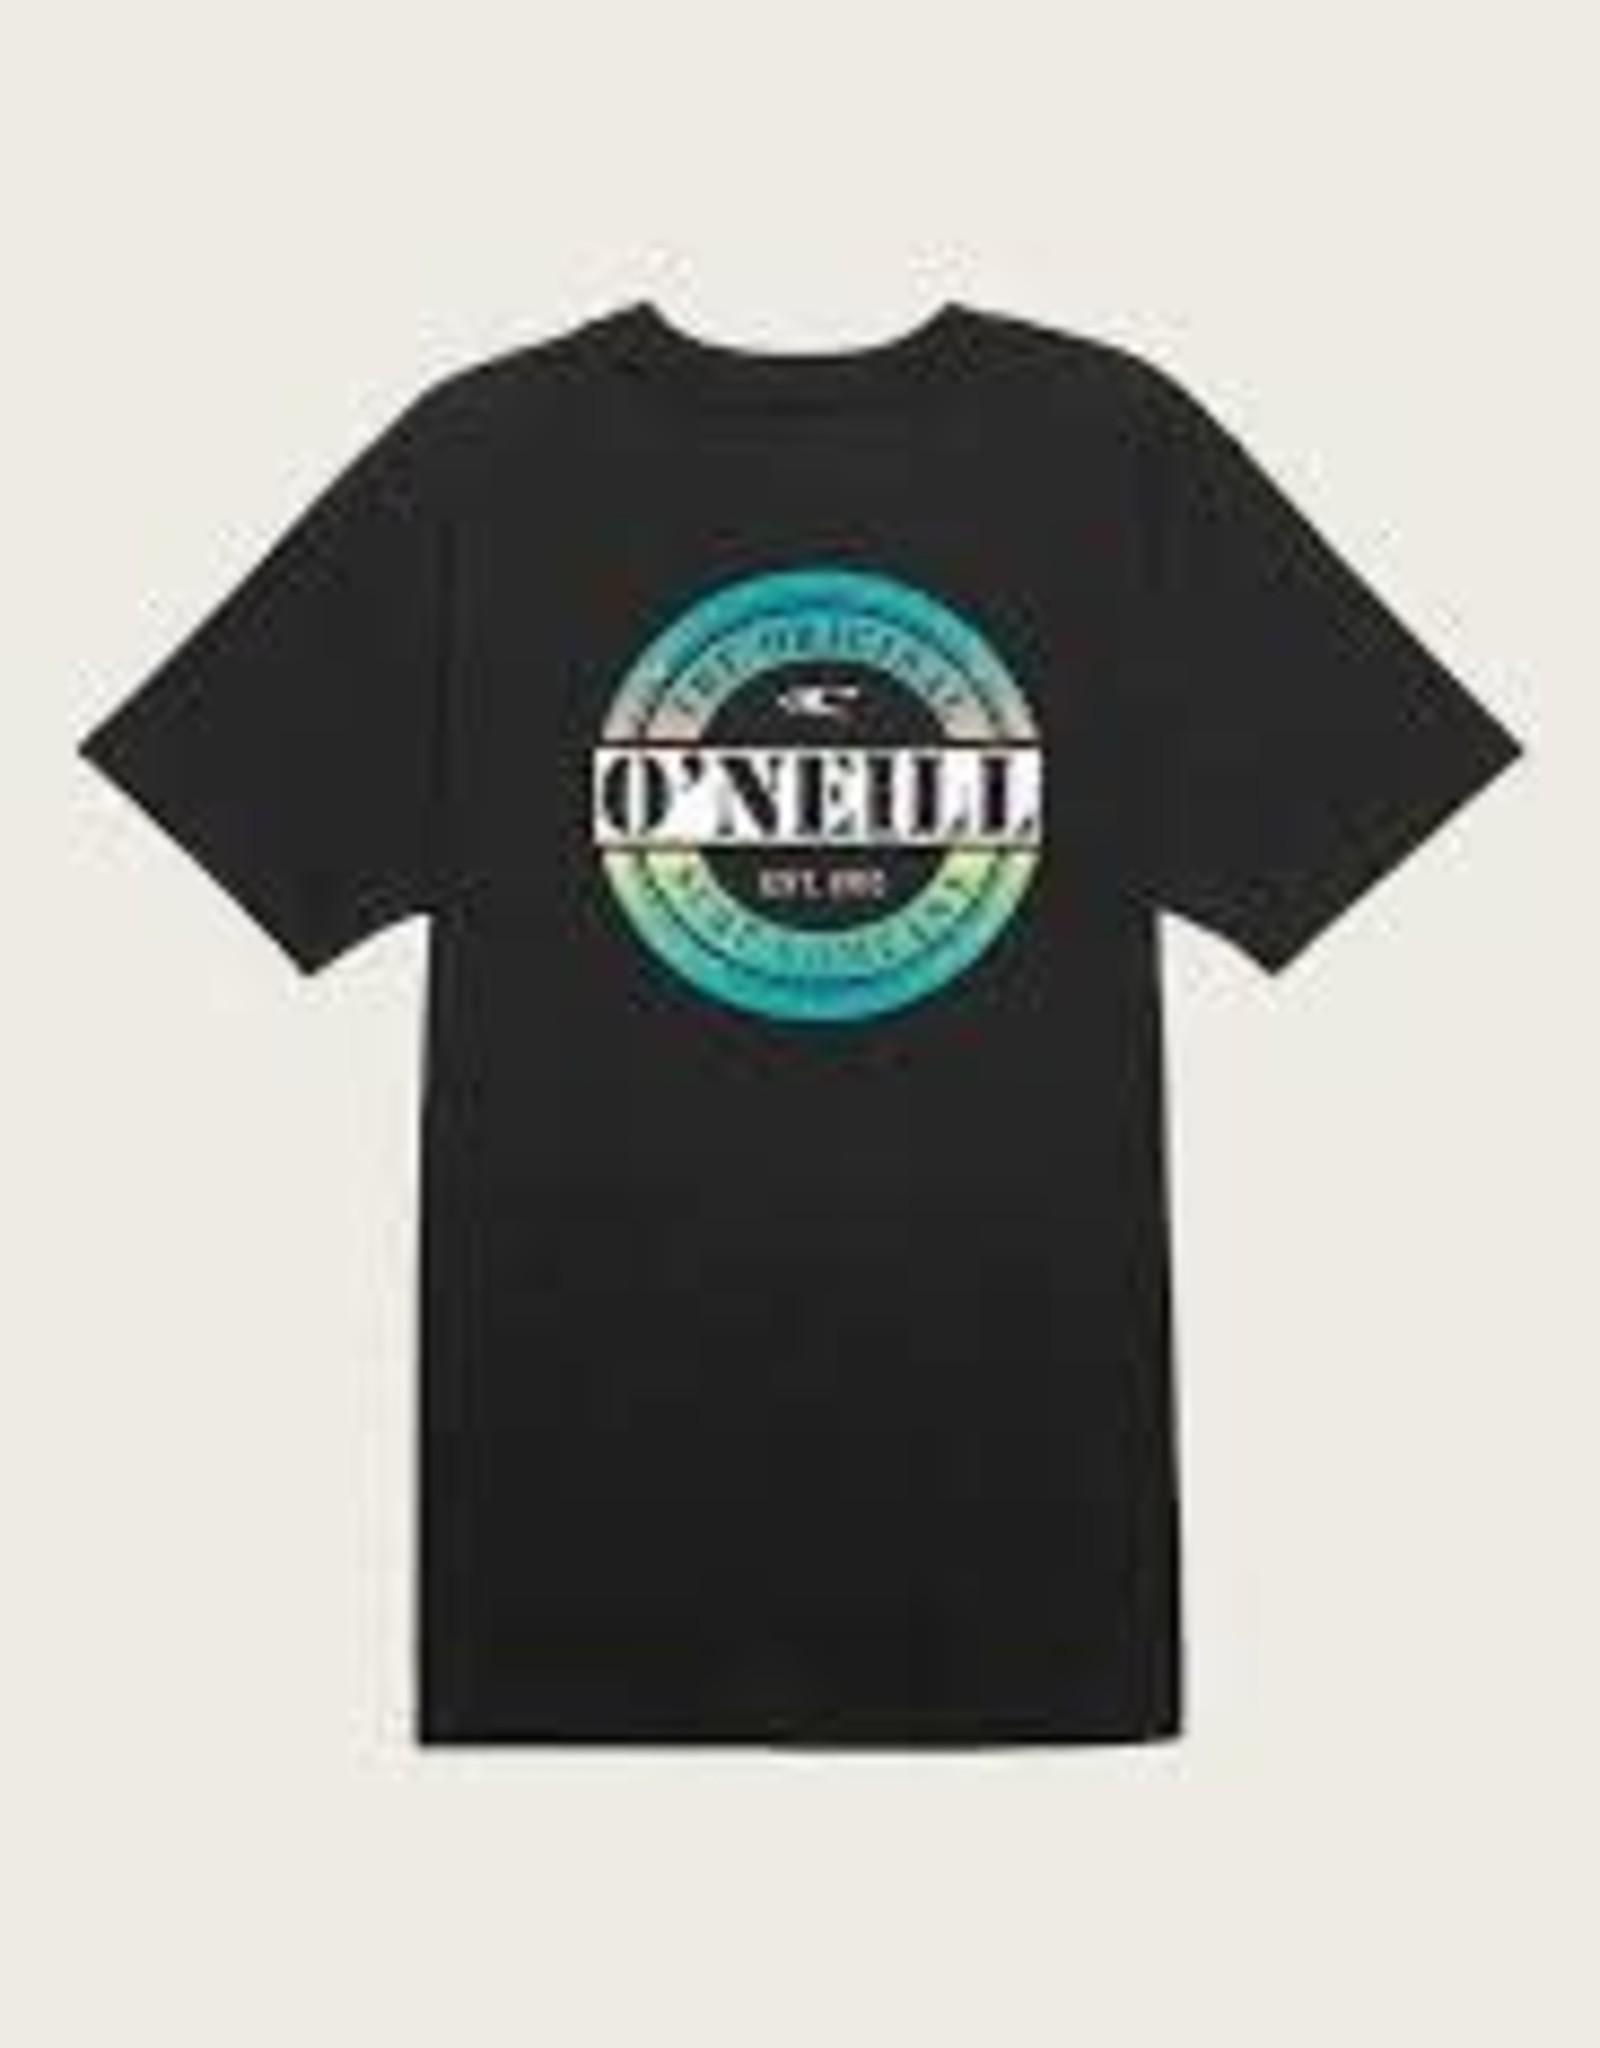 oneill oneill popcircle s/s sp1118304